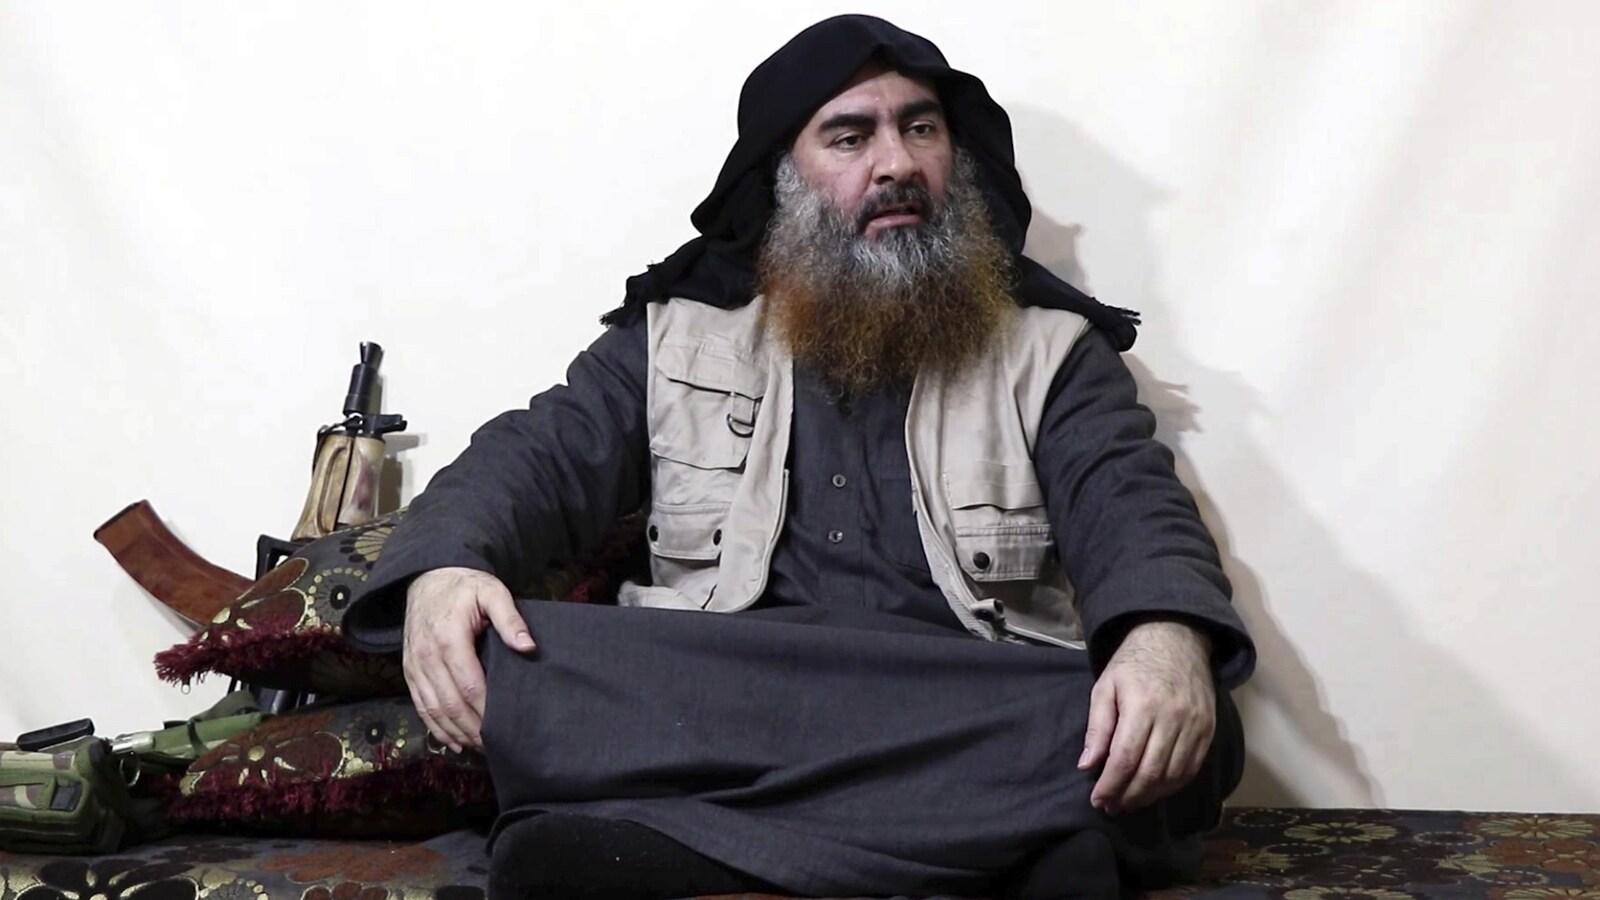 Image d'Abou Bakr Al-Baghdadi tirée de la vidéo diffusée sur un site lié à l'État islamique.